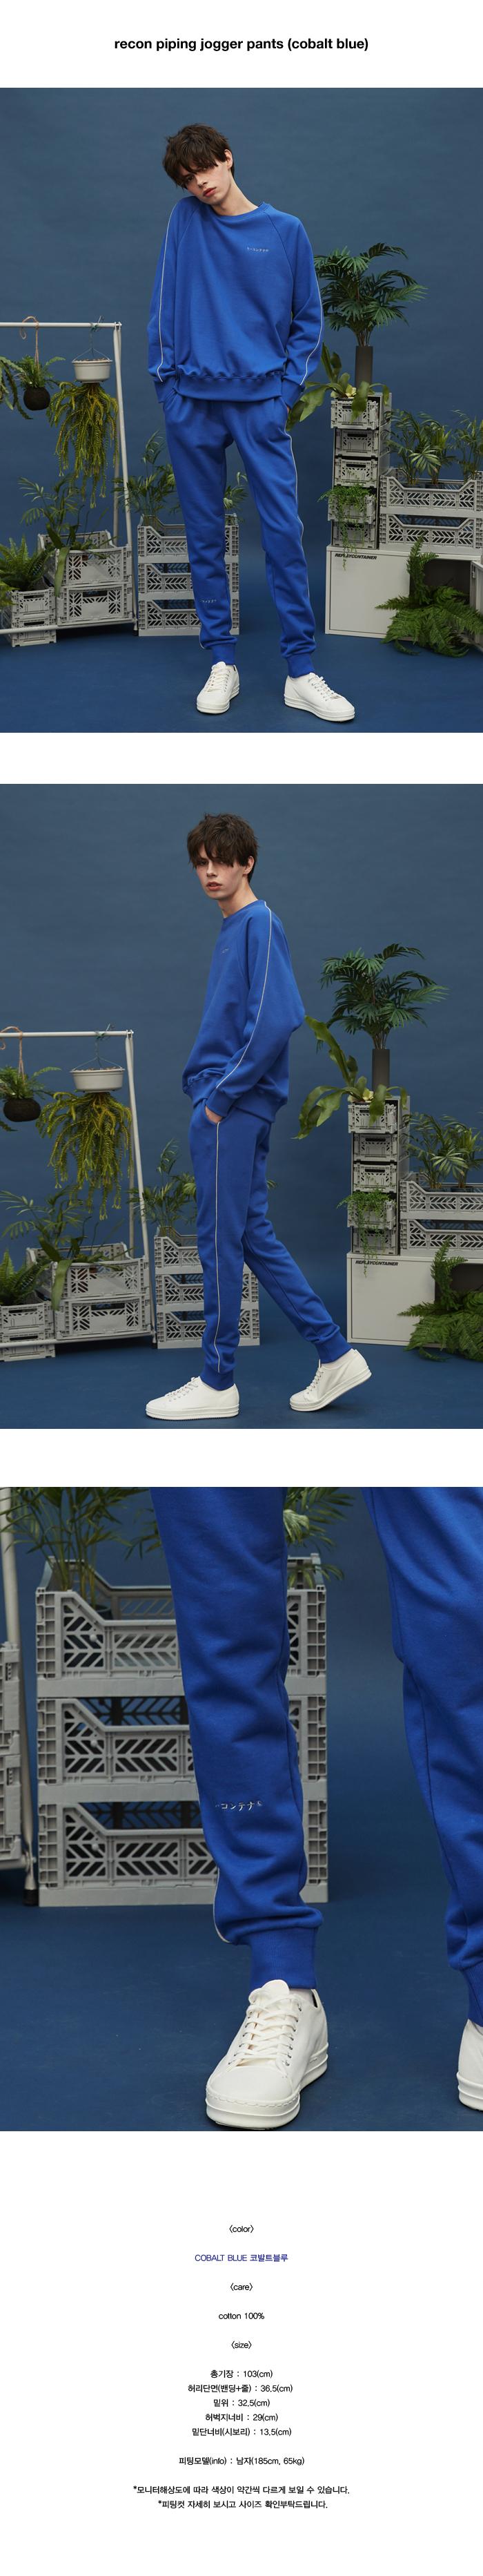 리플레이컨테이너(REPLAY CONTAINER) recon piping jogger pants (cobalt blue)